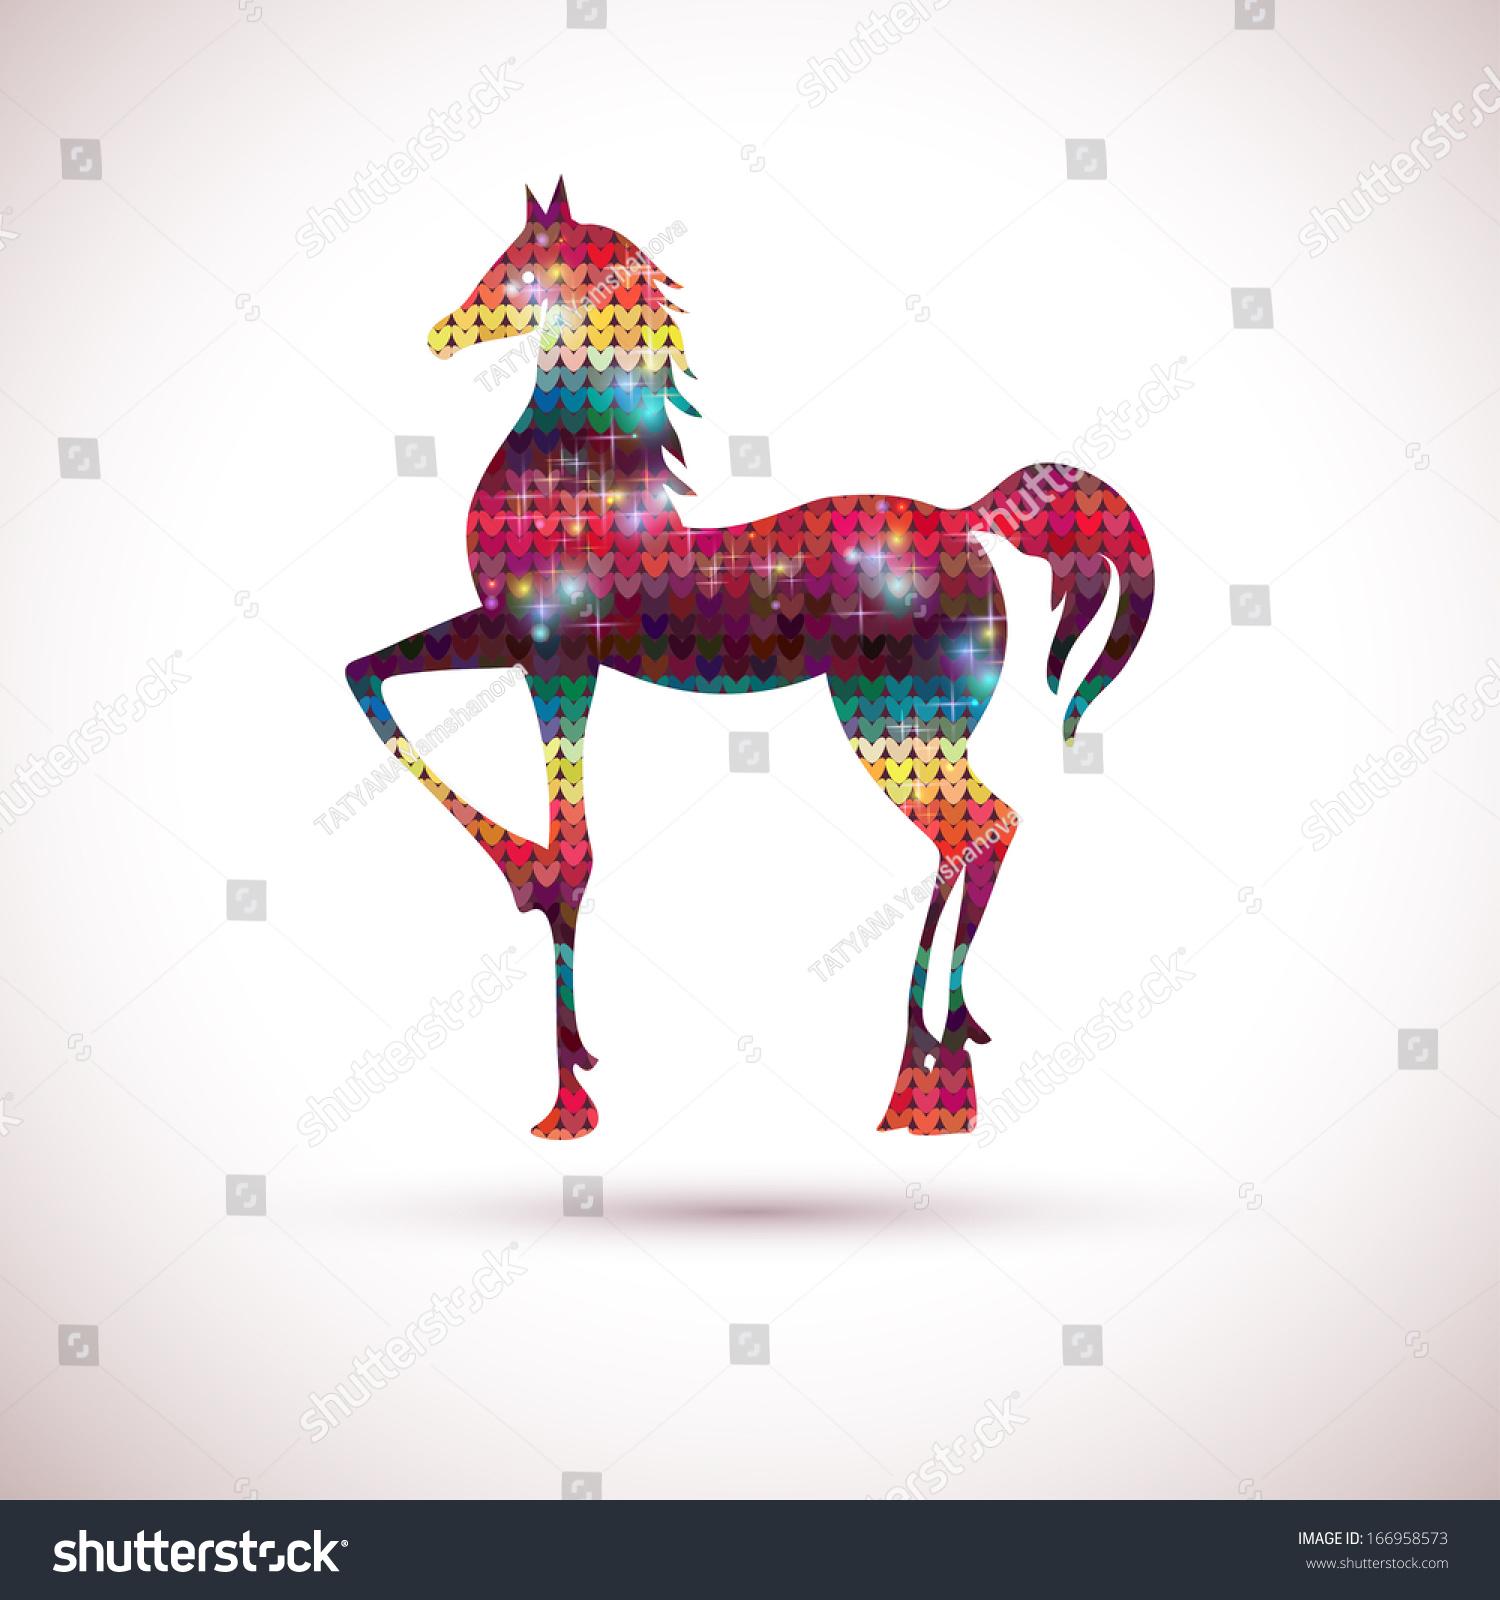 Horse christmas new year card illustration stock illustration christmas new year card illustration with horse holiday design symbol buycottarizona